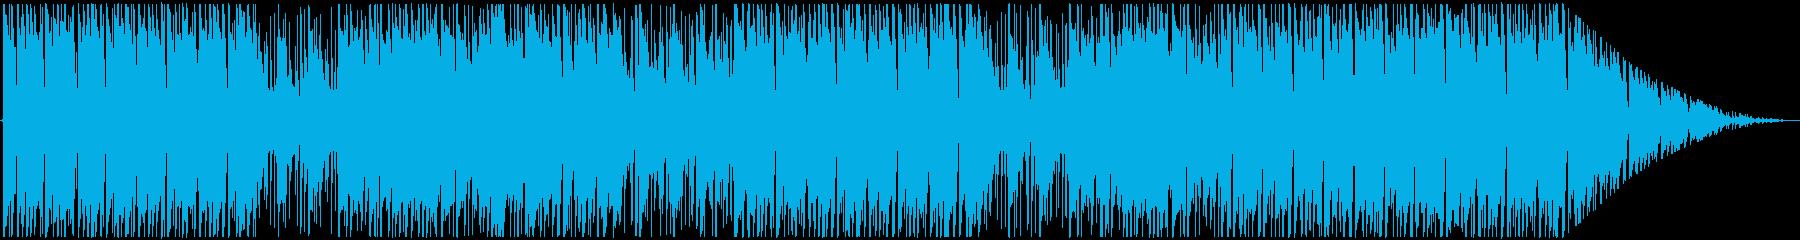 ウクレレが特徴的な夏の爽やかBGMの再生済みの波形